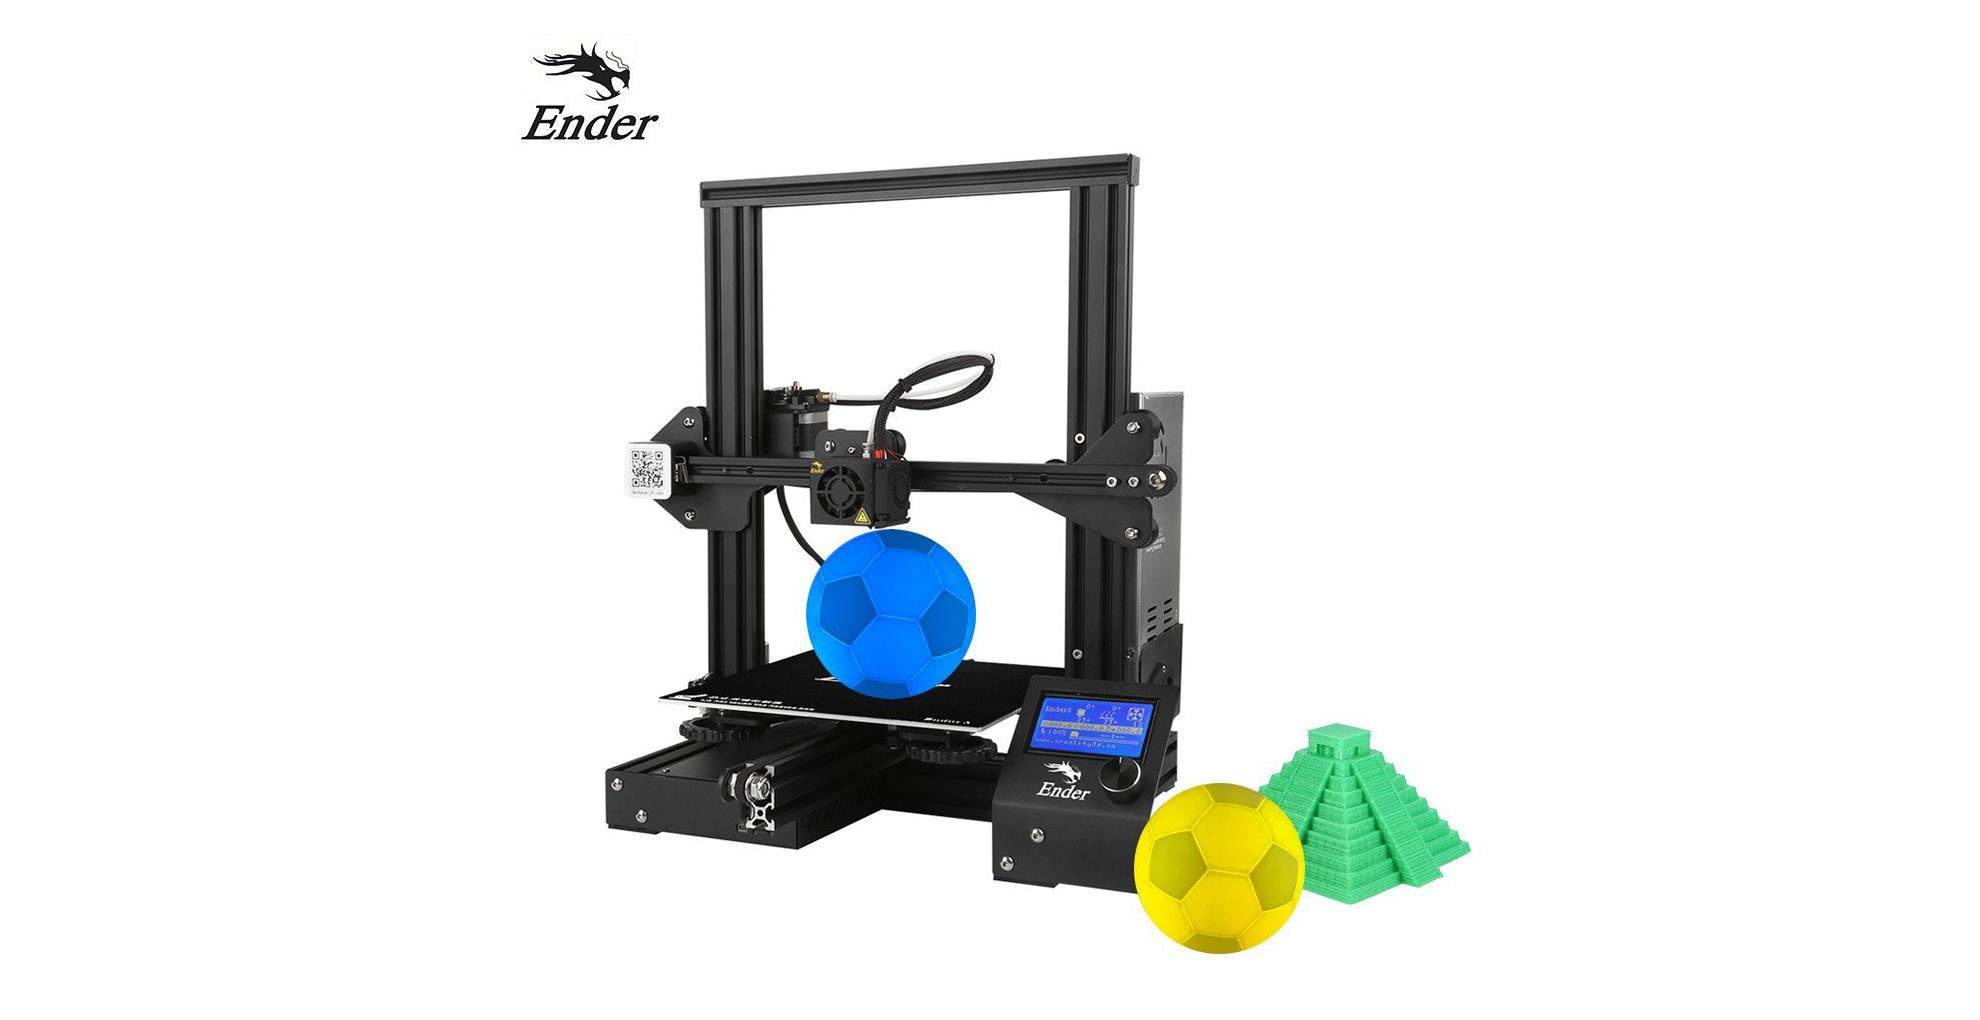 Skvělá 3D tiskárna Creality 3D nyní za nejnižší cenu v historii [sponzorovaný článek]